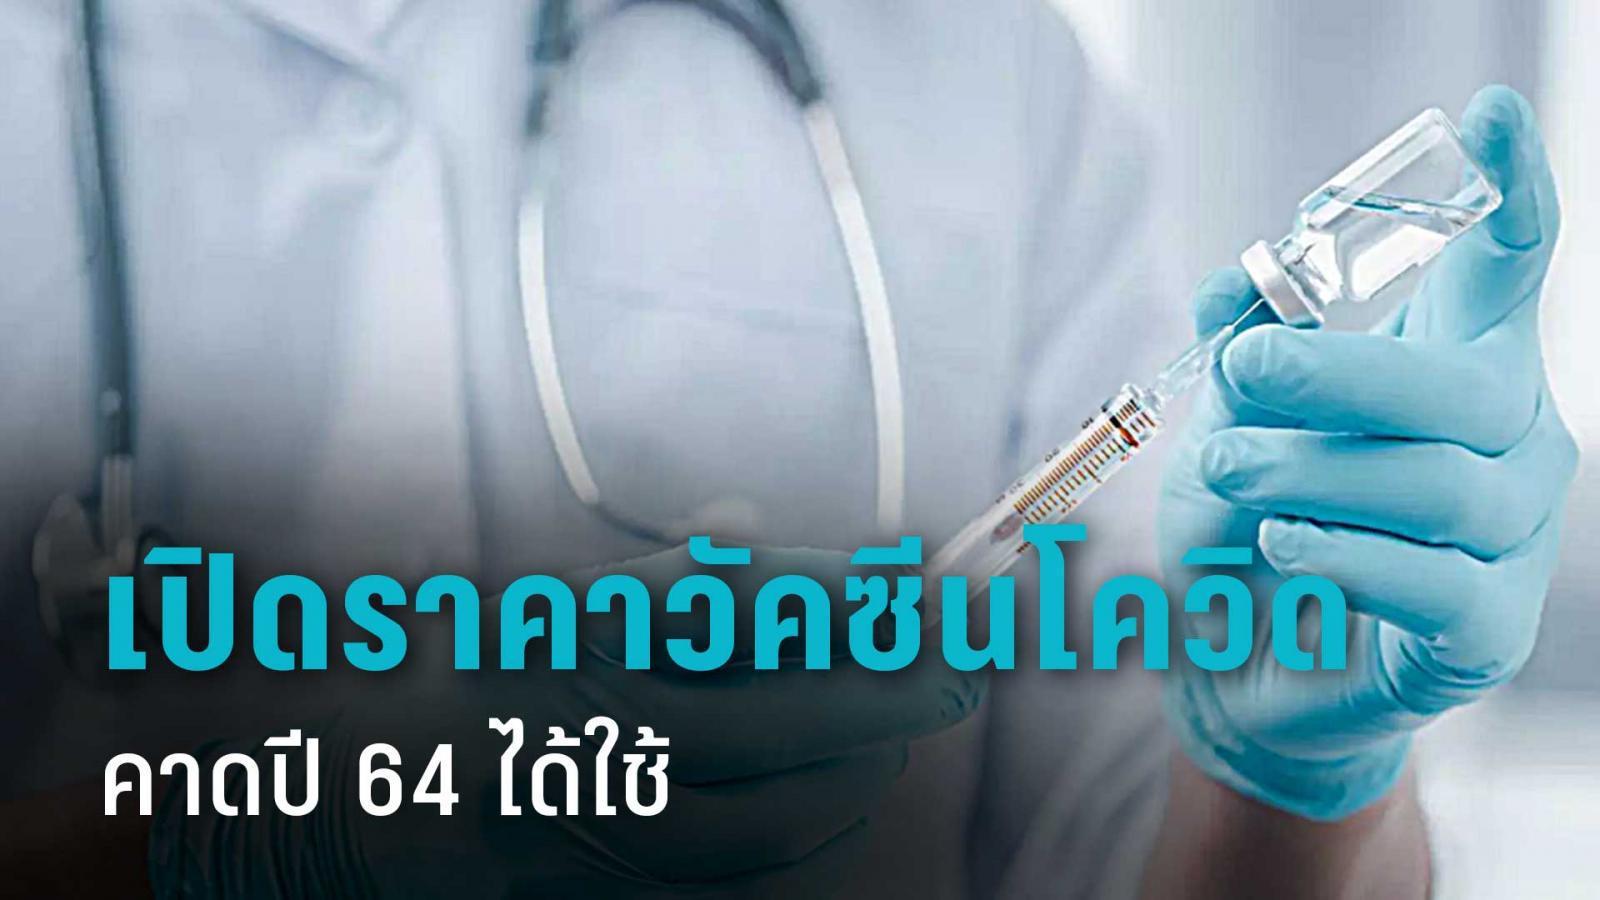 ผลทดลองวัคซีนโควิดทั่วโลก มีข่าวดี คาดต้นปี 64 ได้ใช้ ราคาหลักร้อย